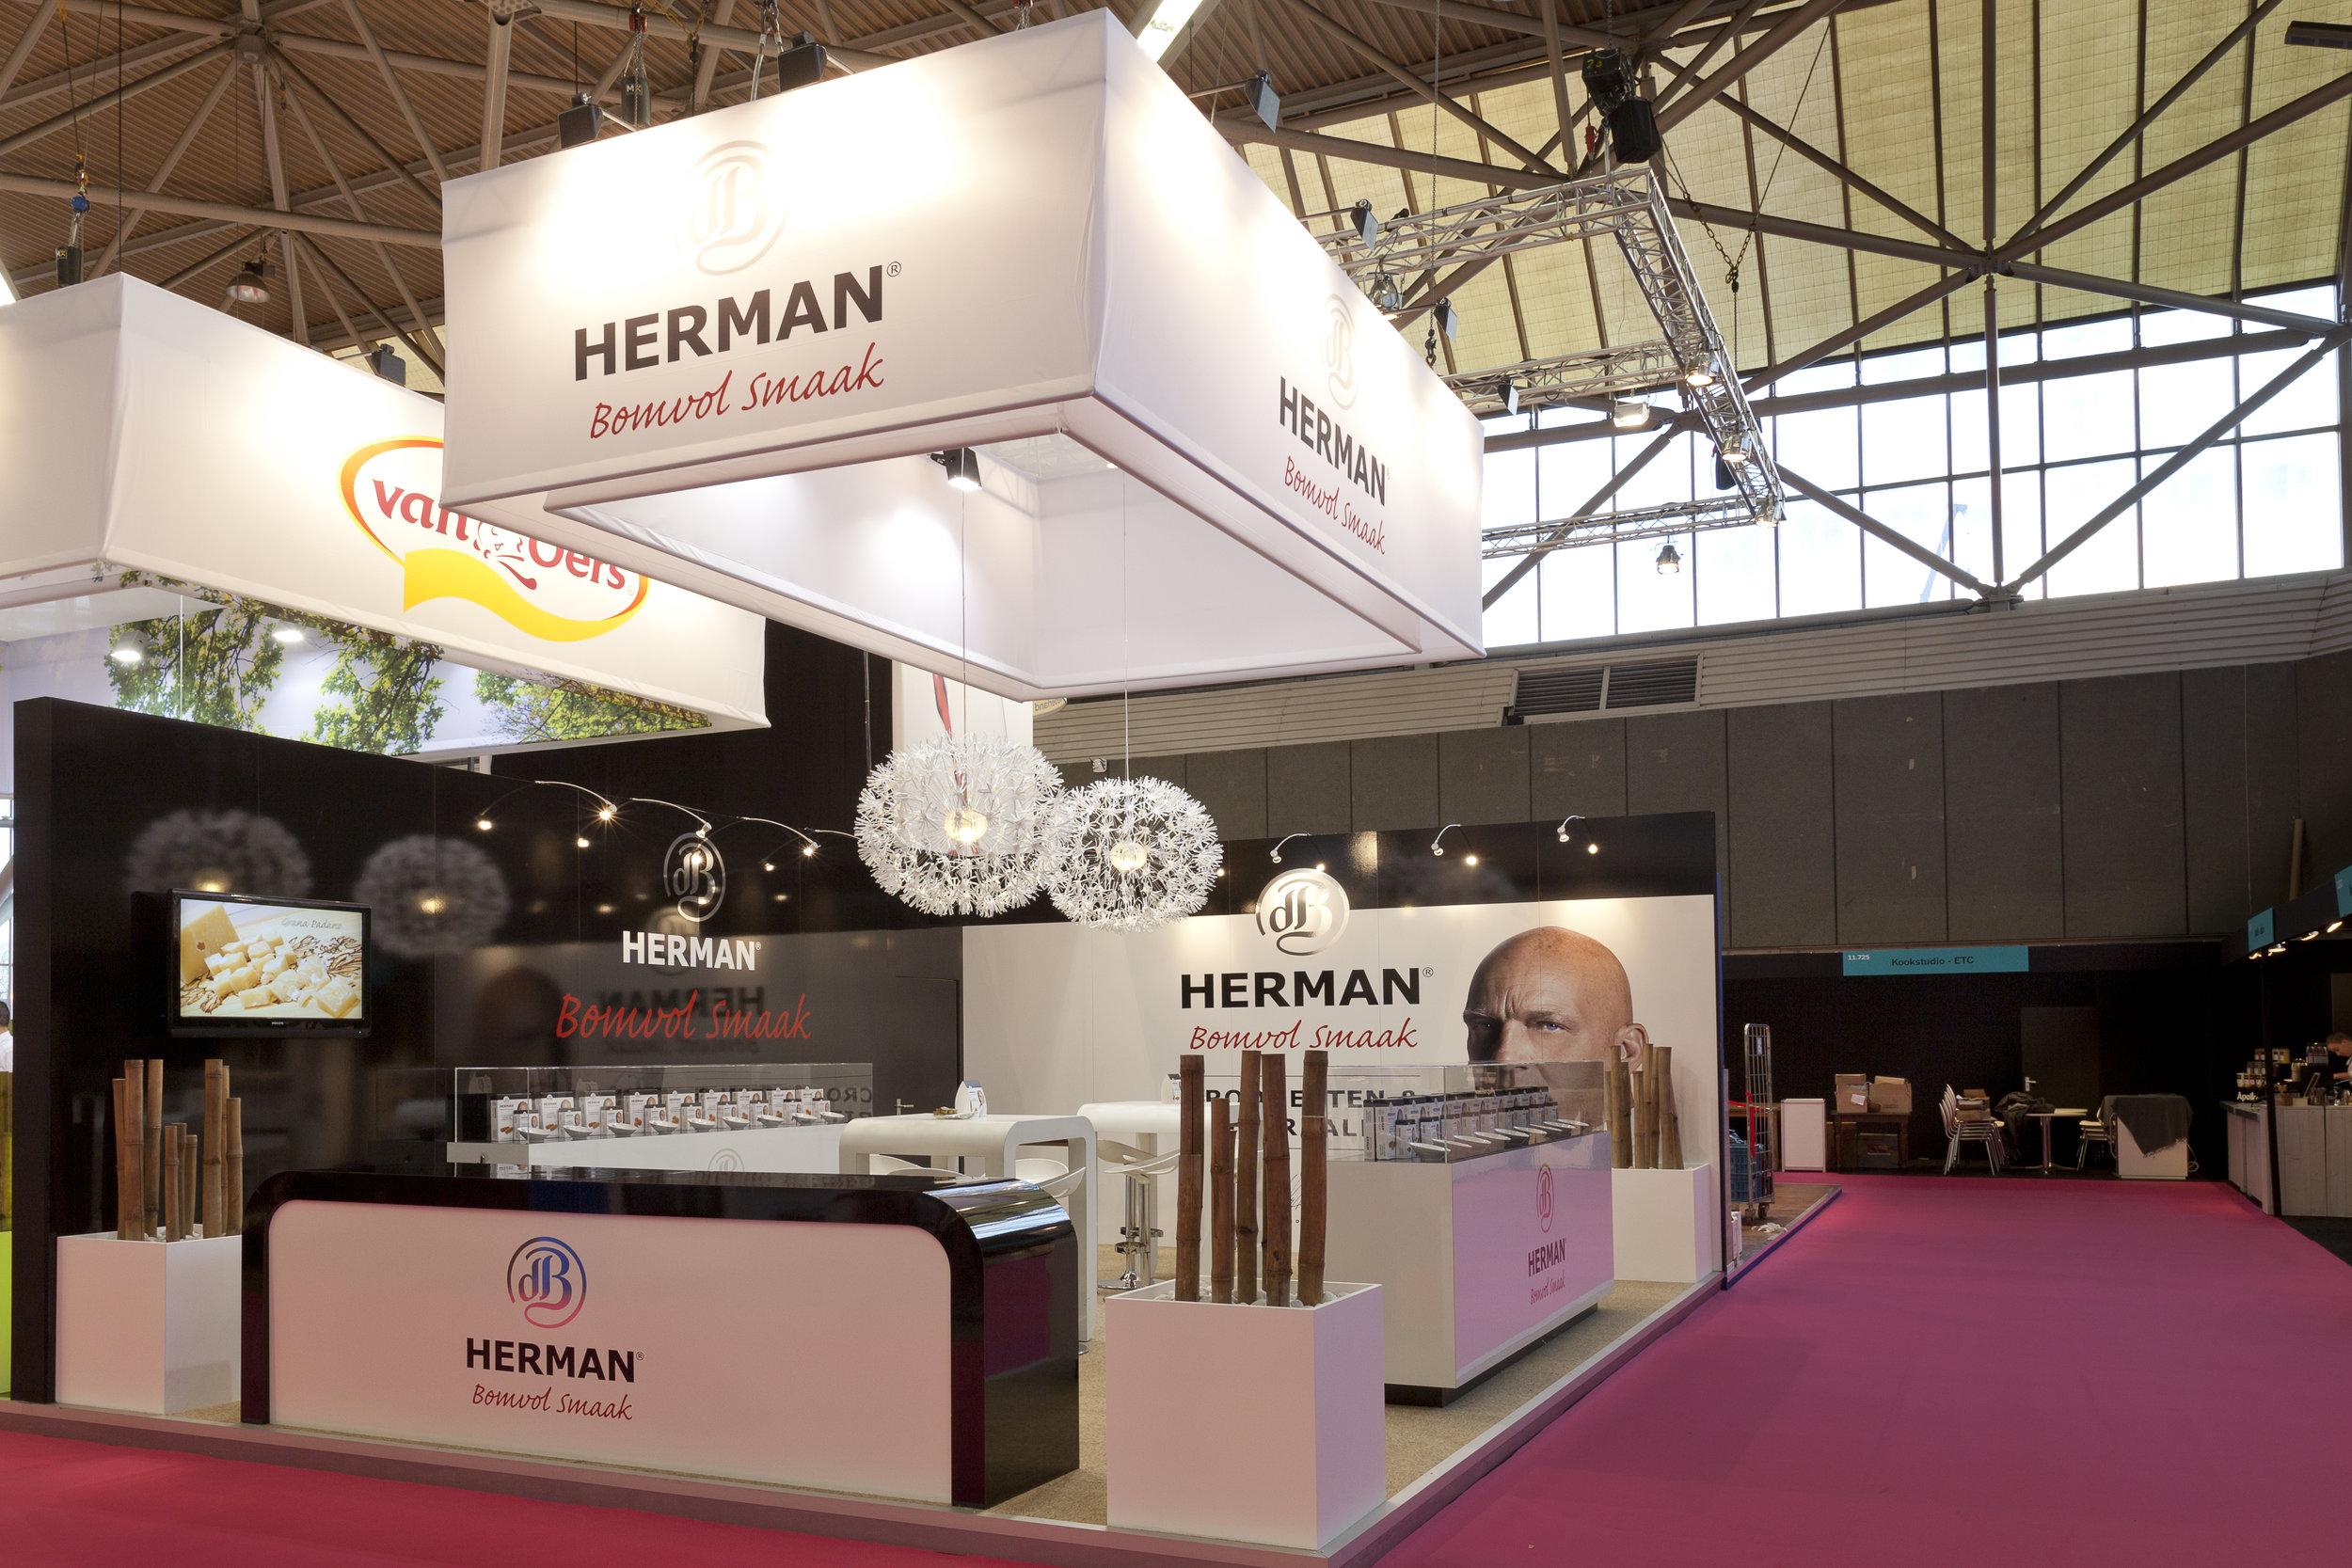 Herman-3-Edit.jpg